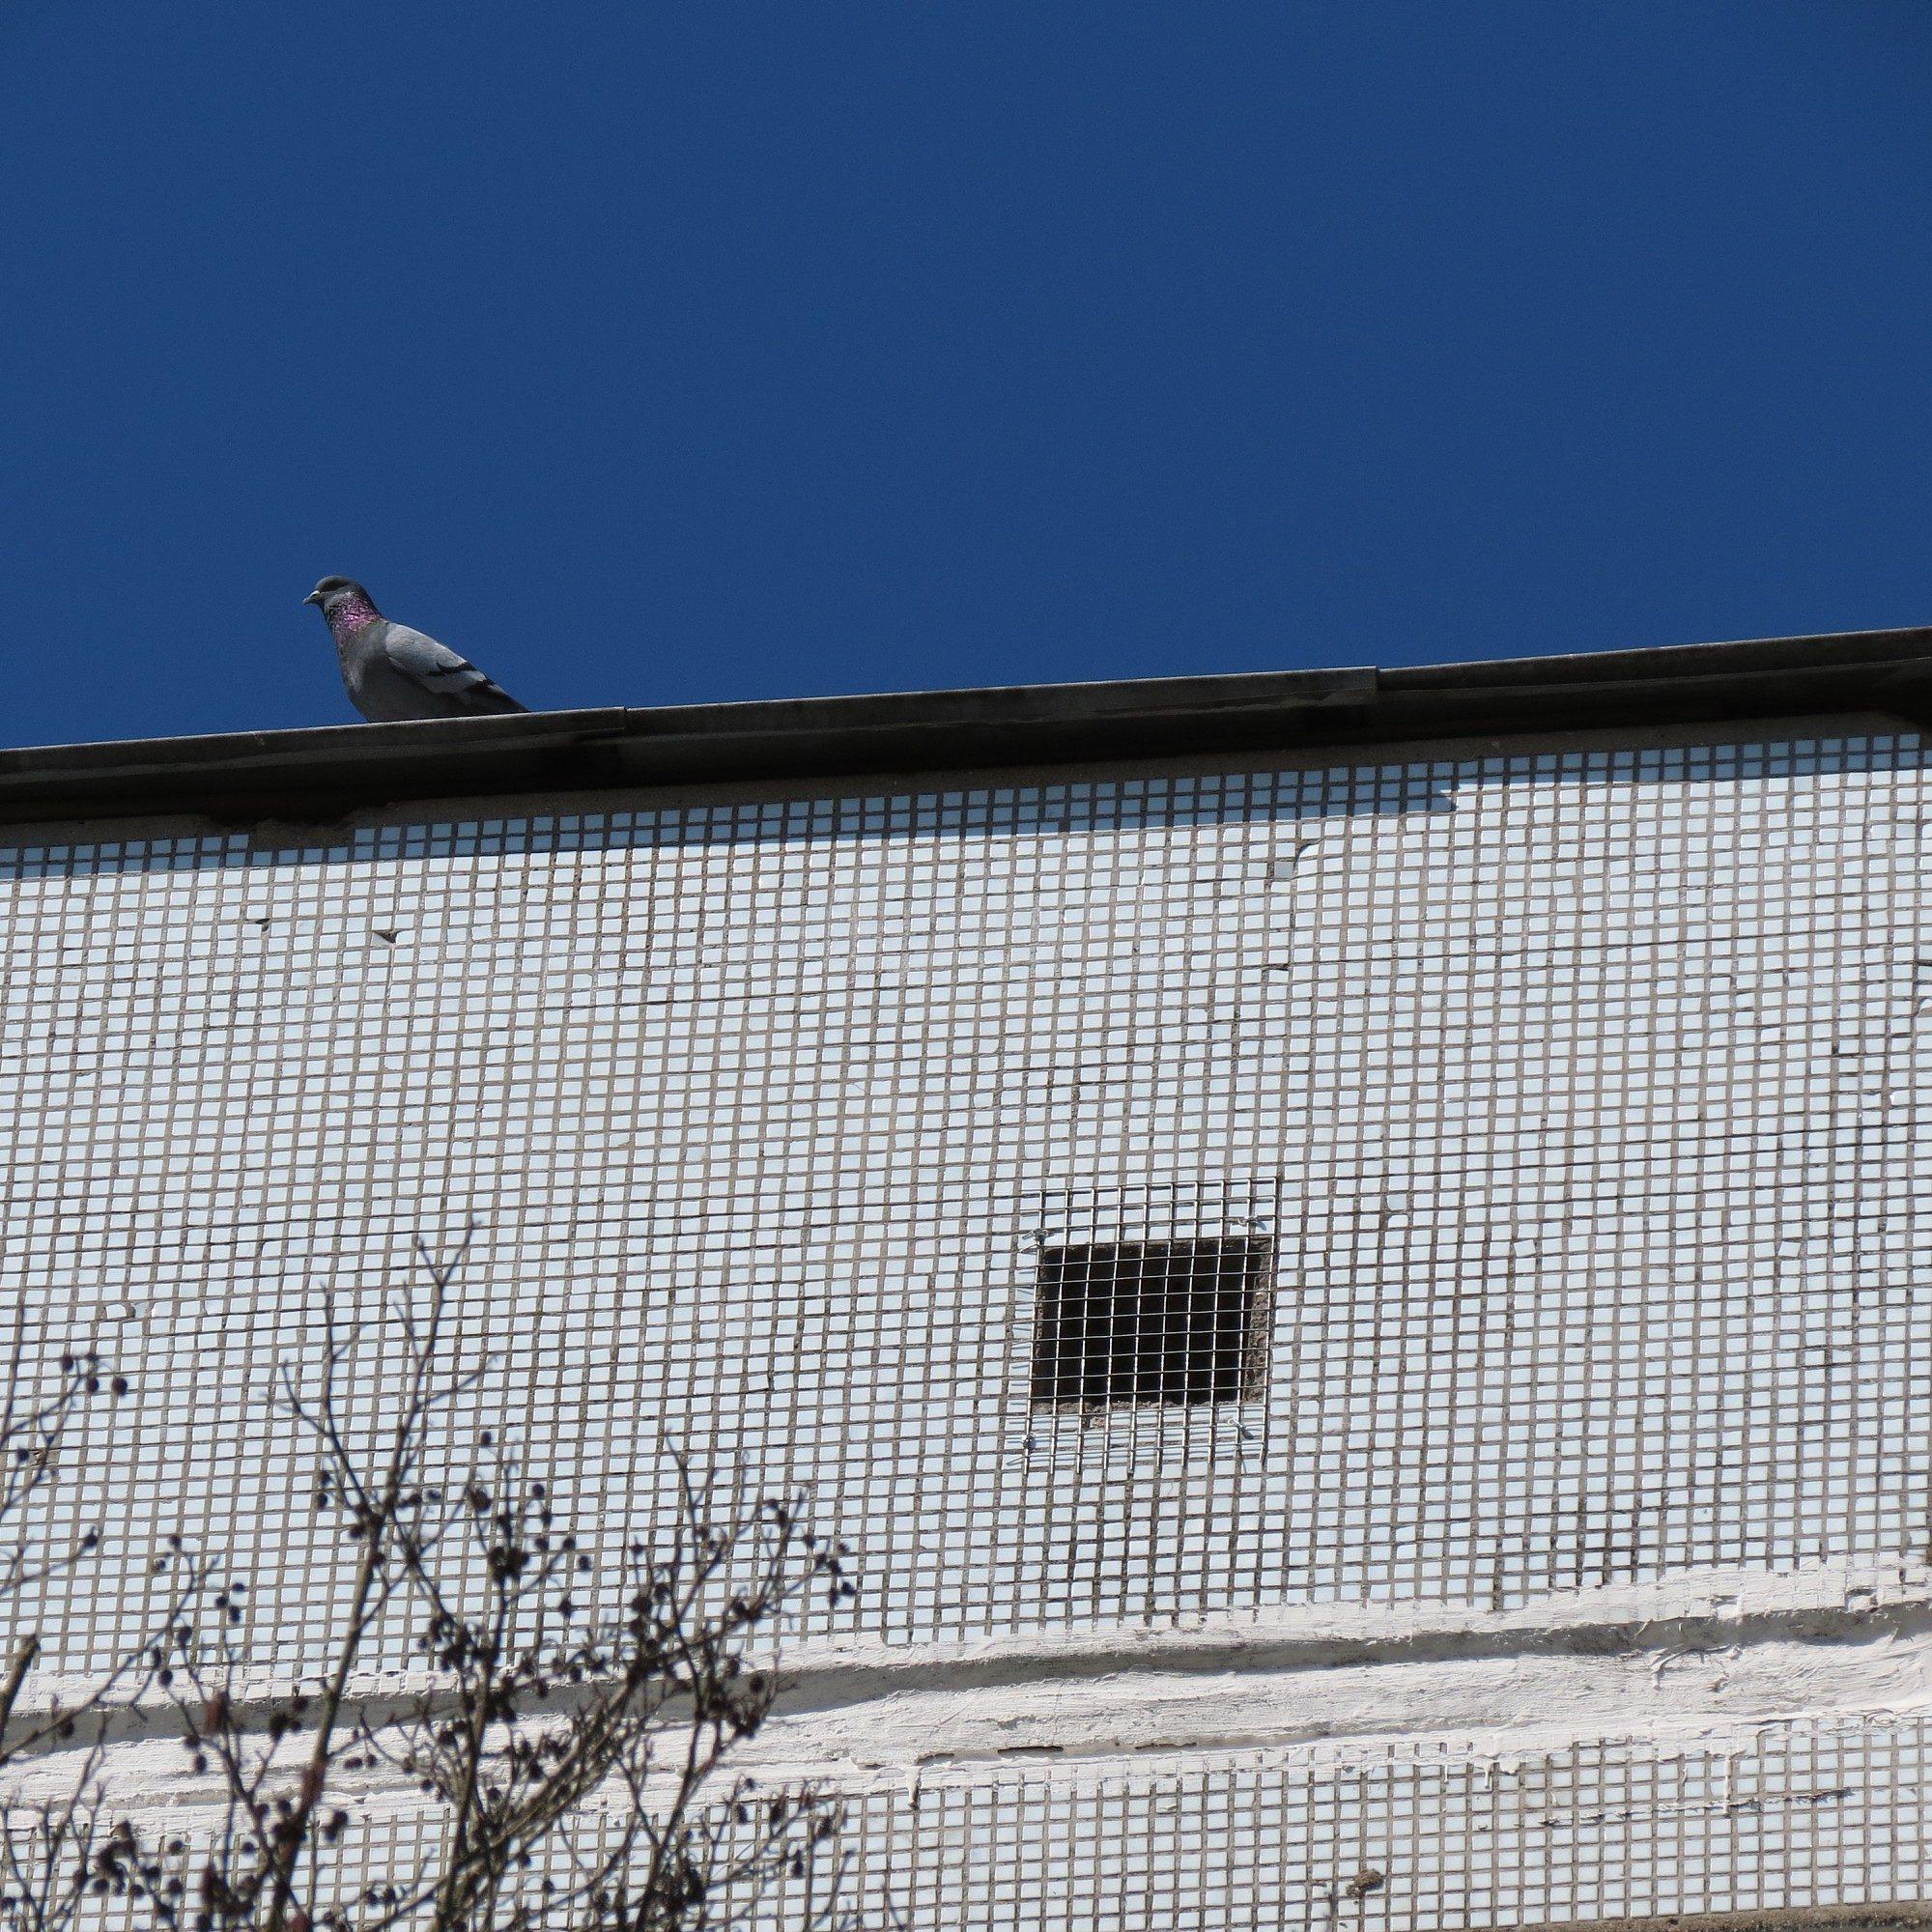 На ул. Баложа расстреливал голубей